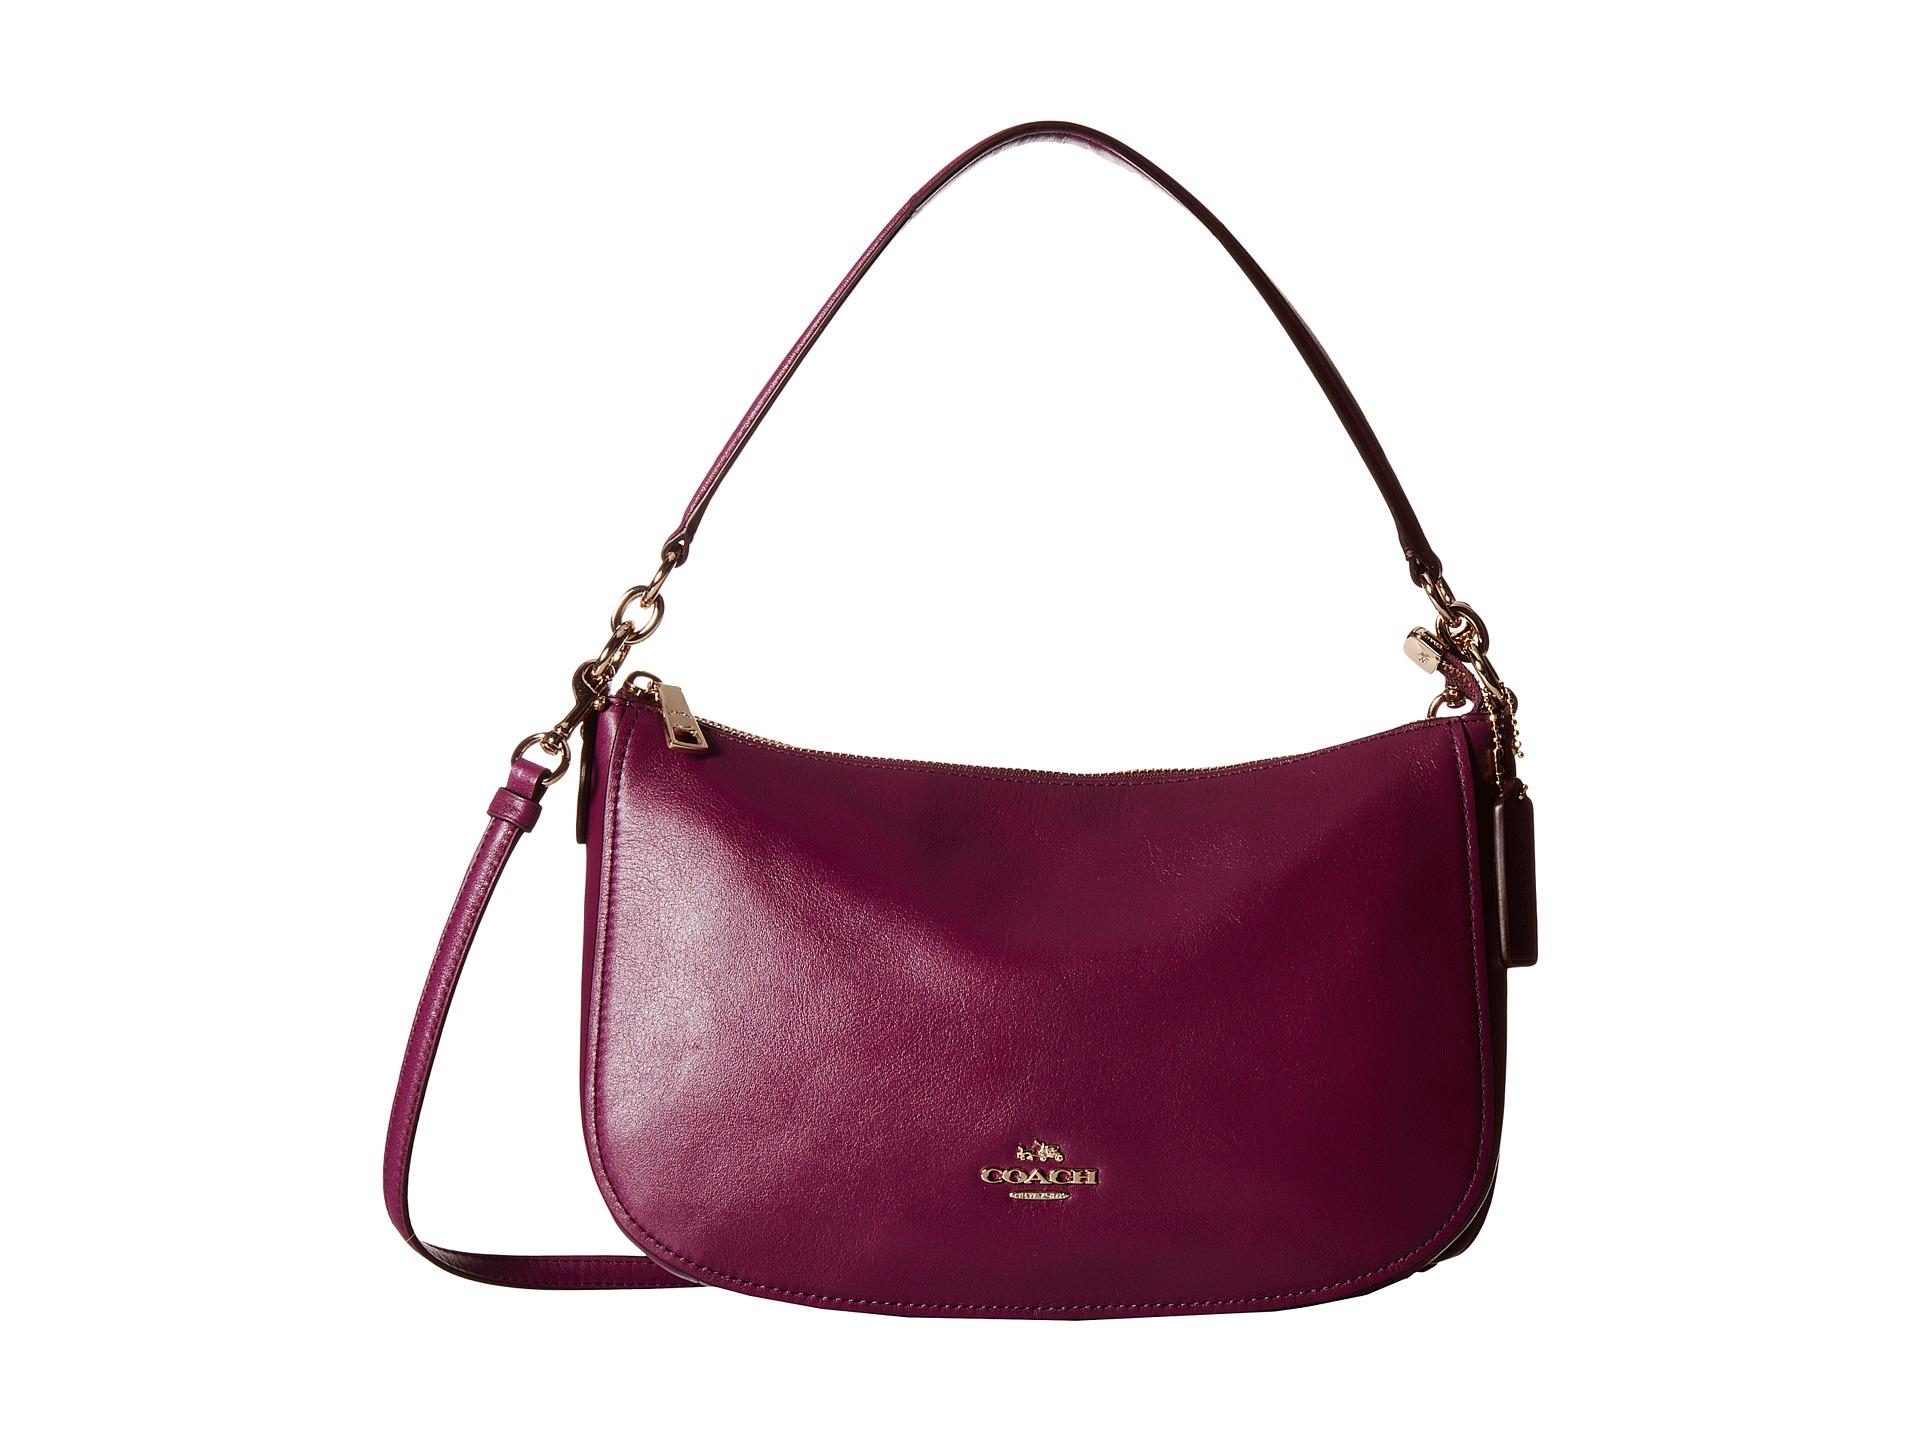 Lyst - COACH Chelsea Crossbody in Purple 6e227ac8ac5db